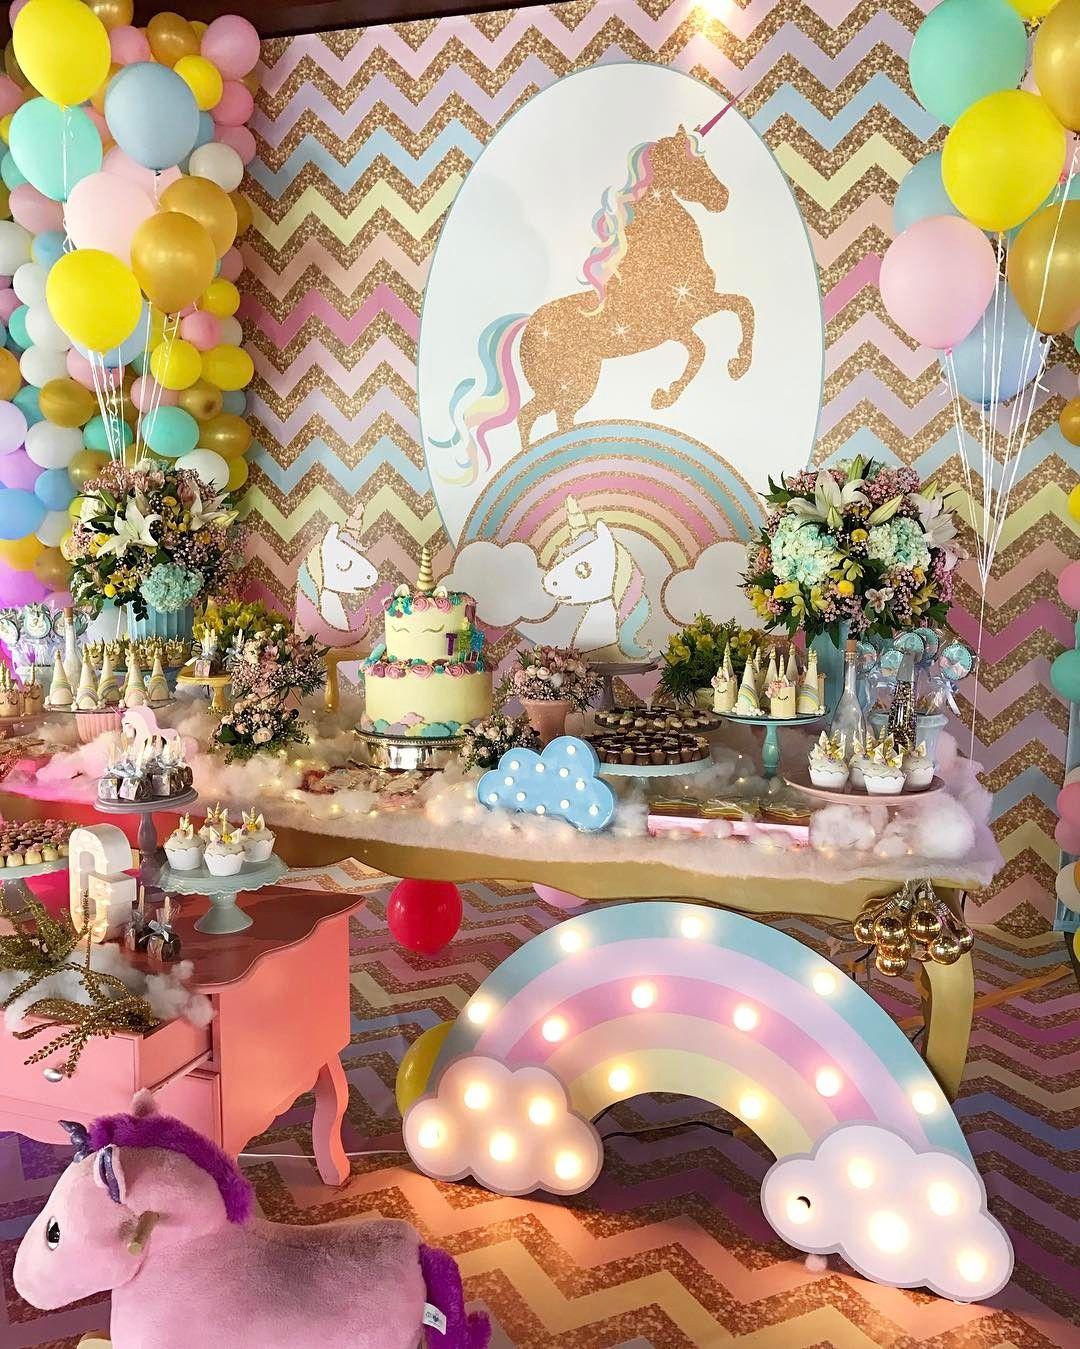 Festa infantil de unicórnio 50 ideias para voc u00ea se inspirar Bebe com br decoraç u00e3o Litte  -> Decoração De Festa Unicórnio Infantil